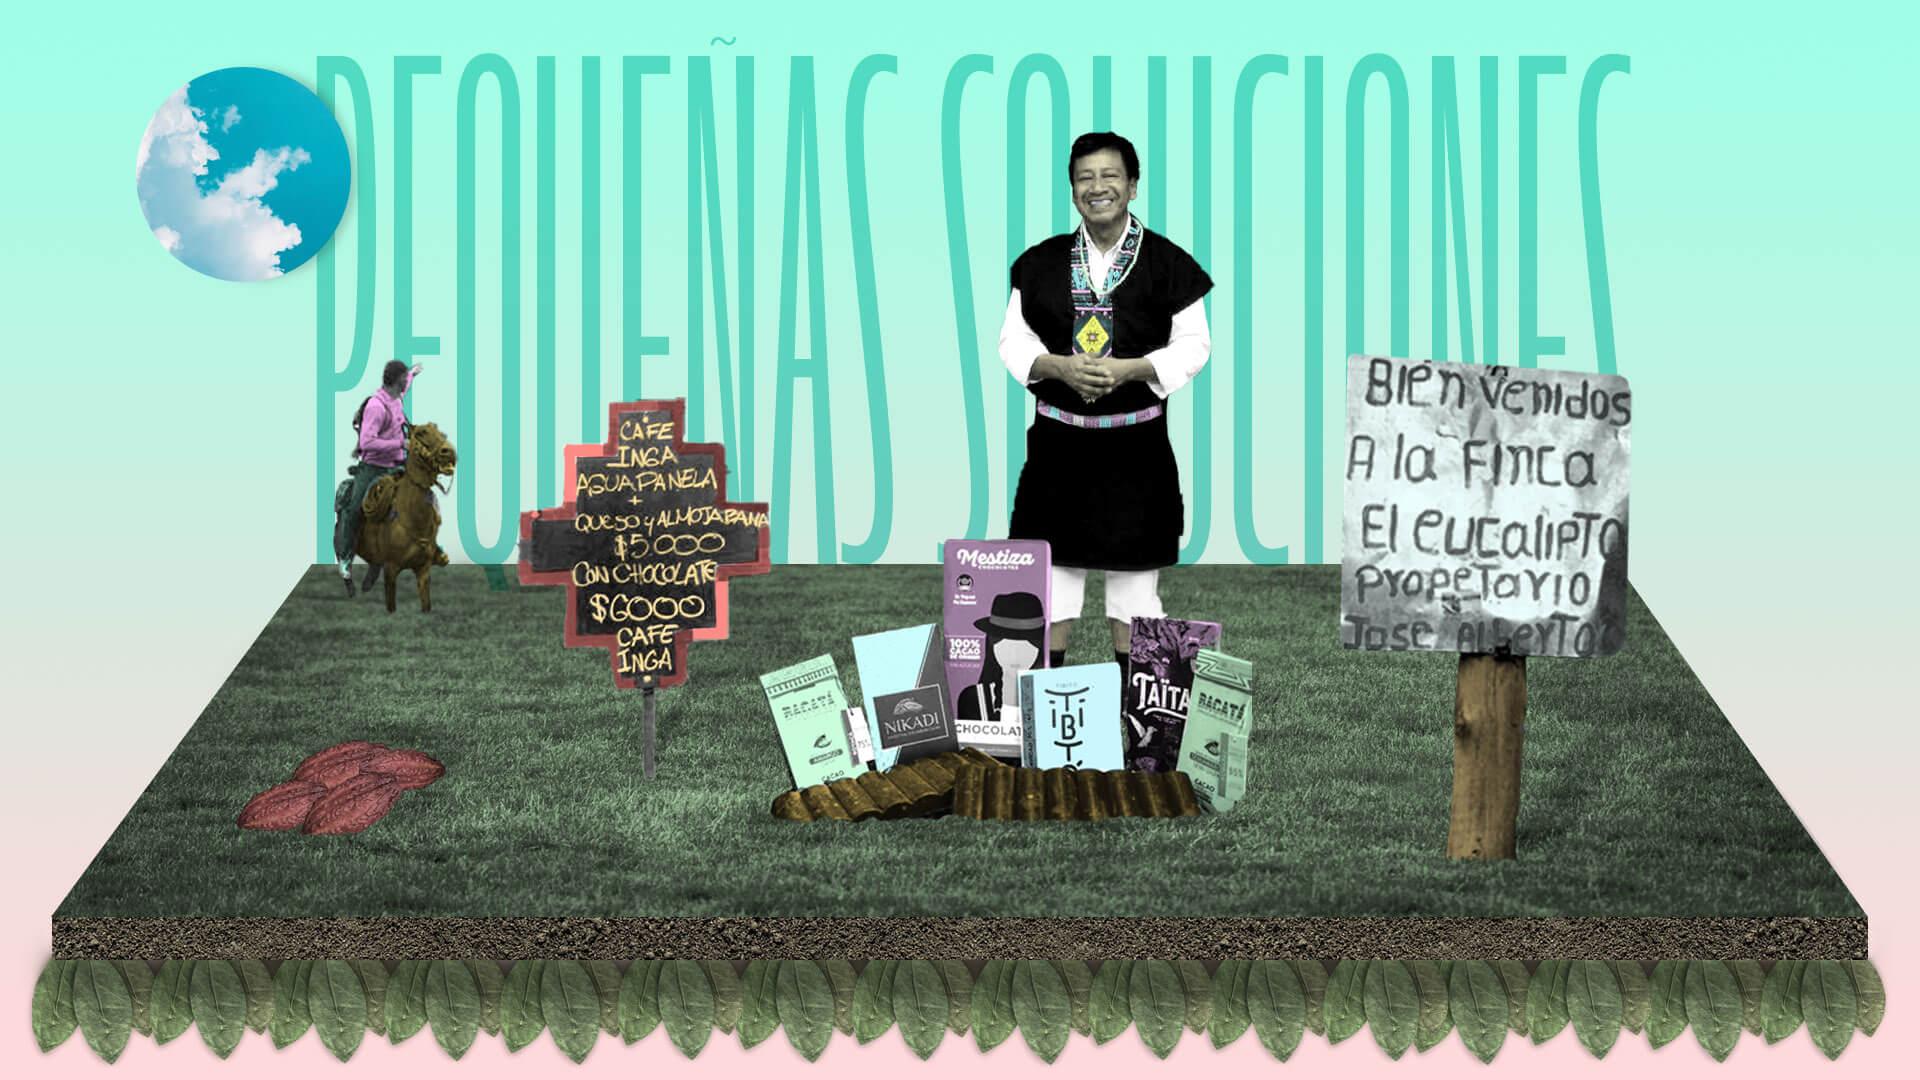 Diez pequeñas soluciones para un gran desafío: sustituir la coca en Colombia